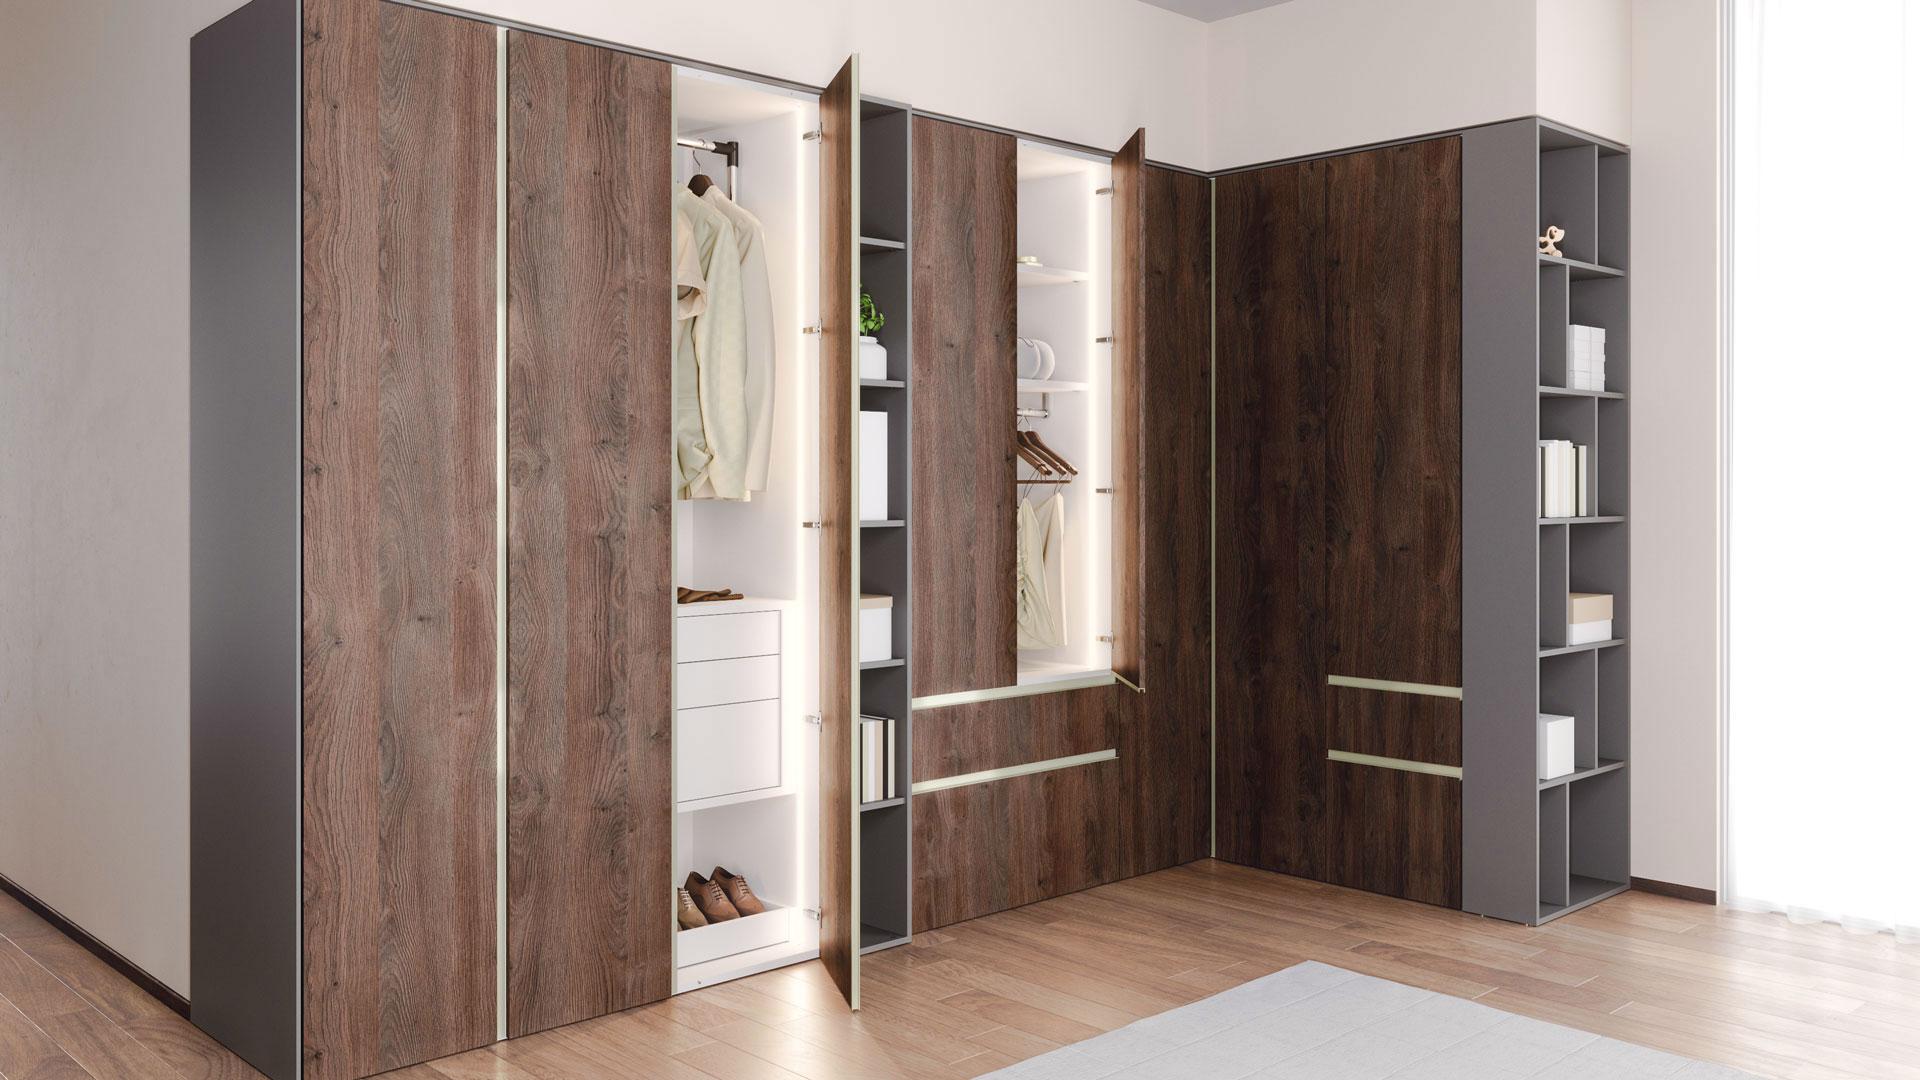 Closet System Verno For Classy Interior Ripo Lv